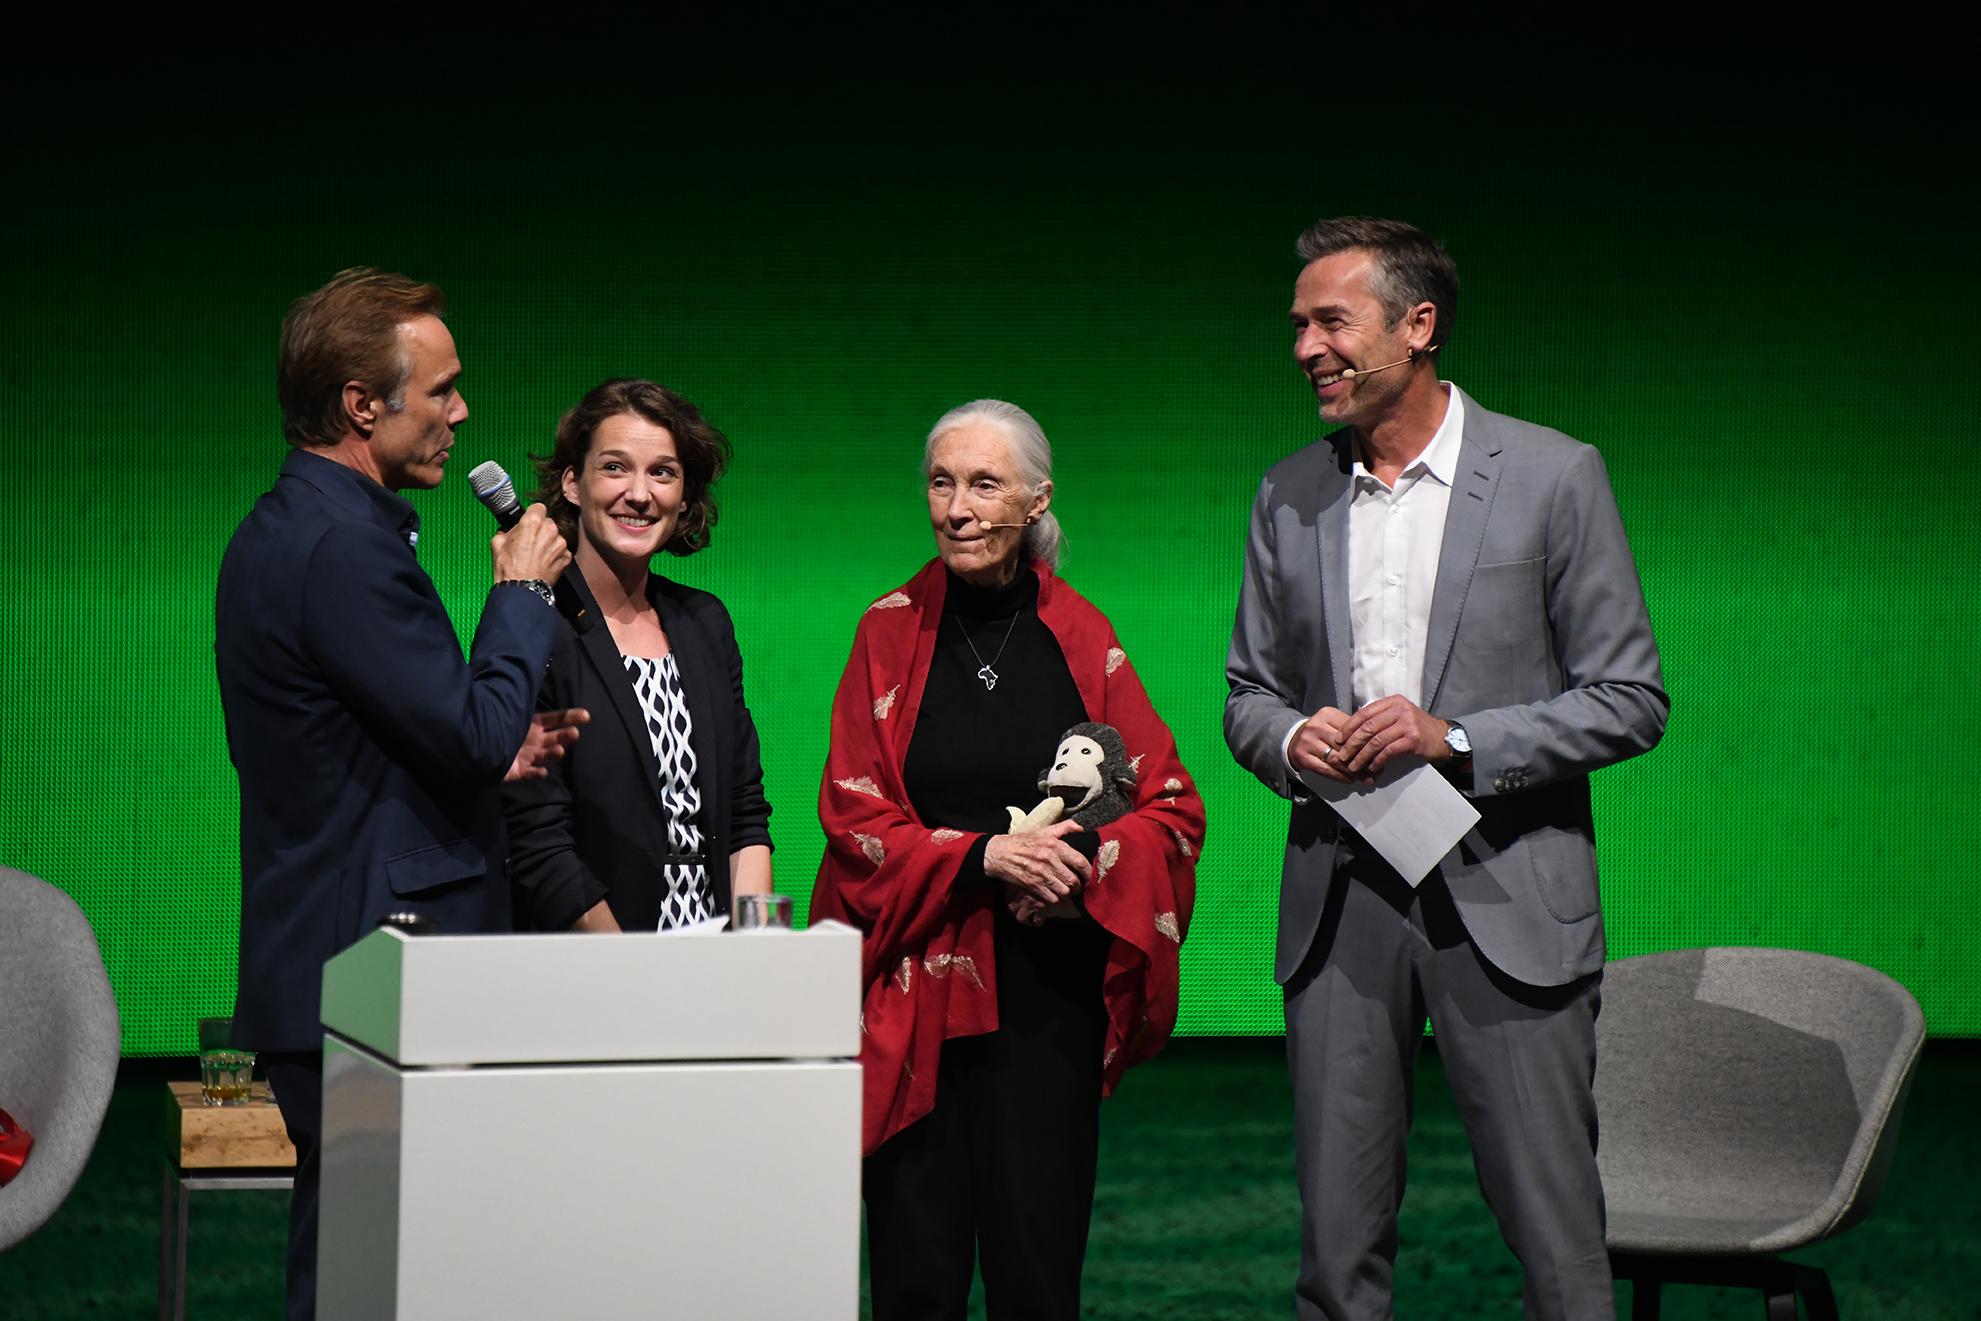 von rechts nach links: Dirk Steffens, Jane Goodall, Marcella Hansch von Pacific Garbage Screening und Hannes Jaenicke